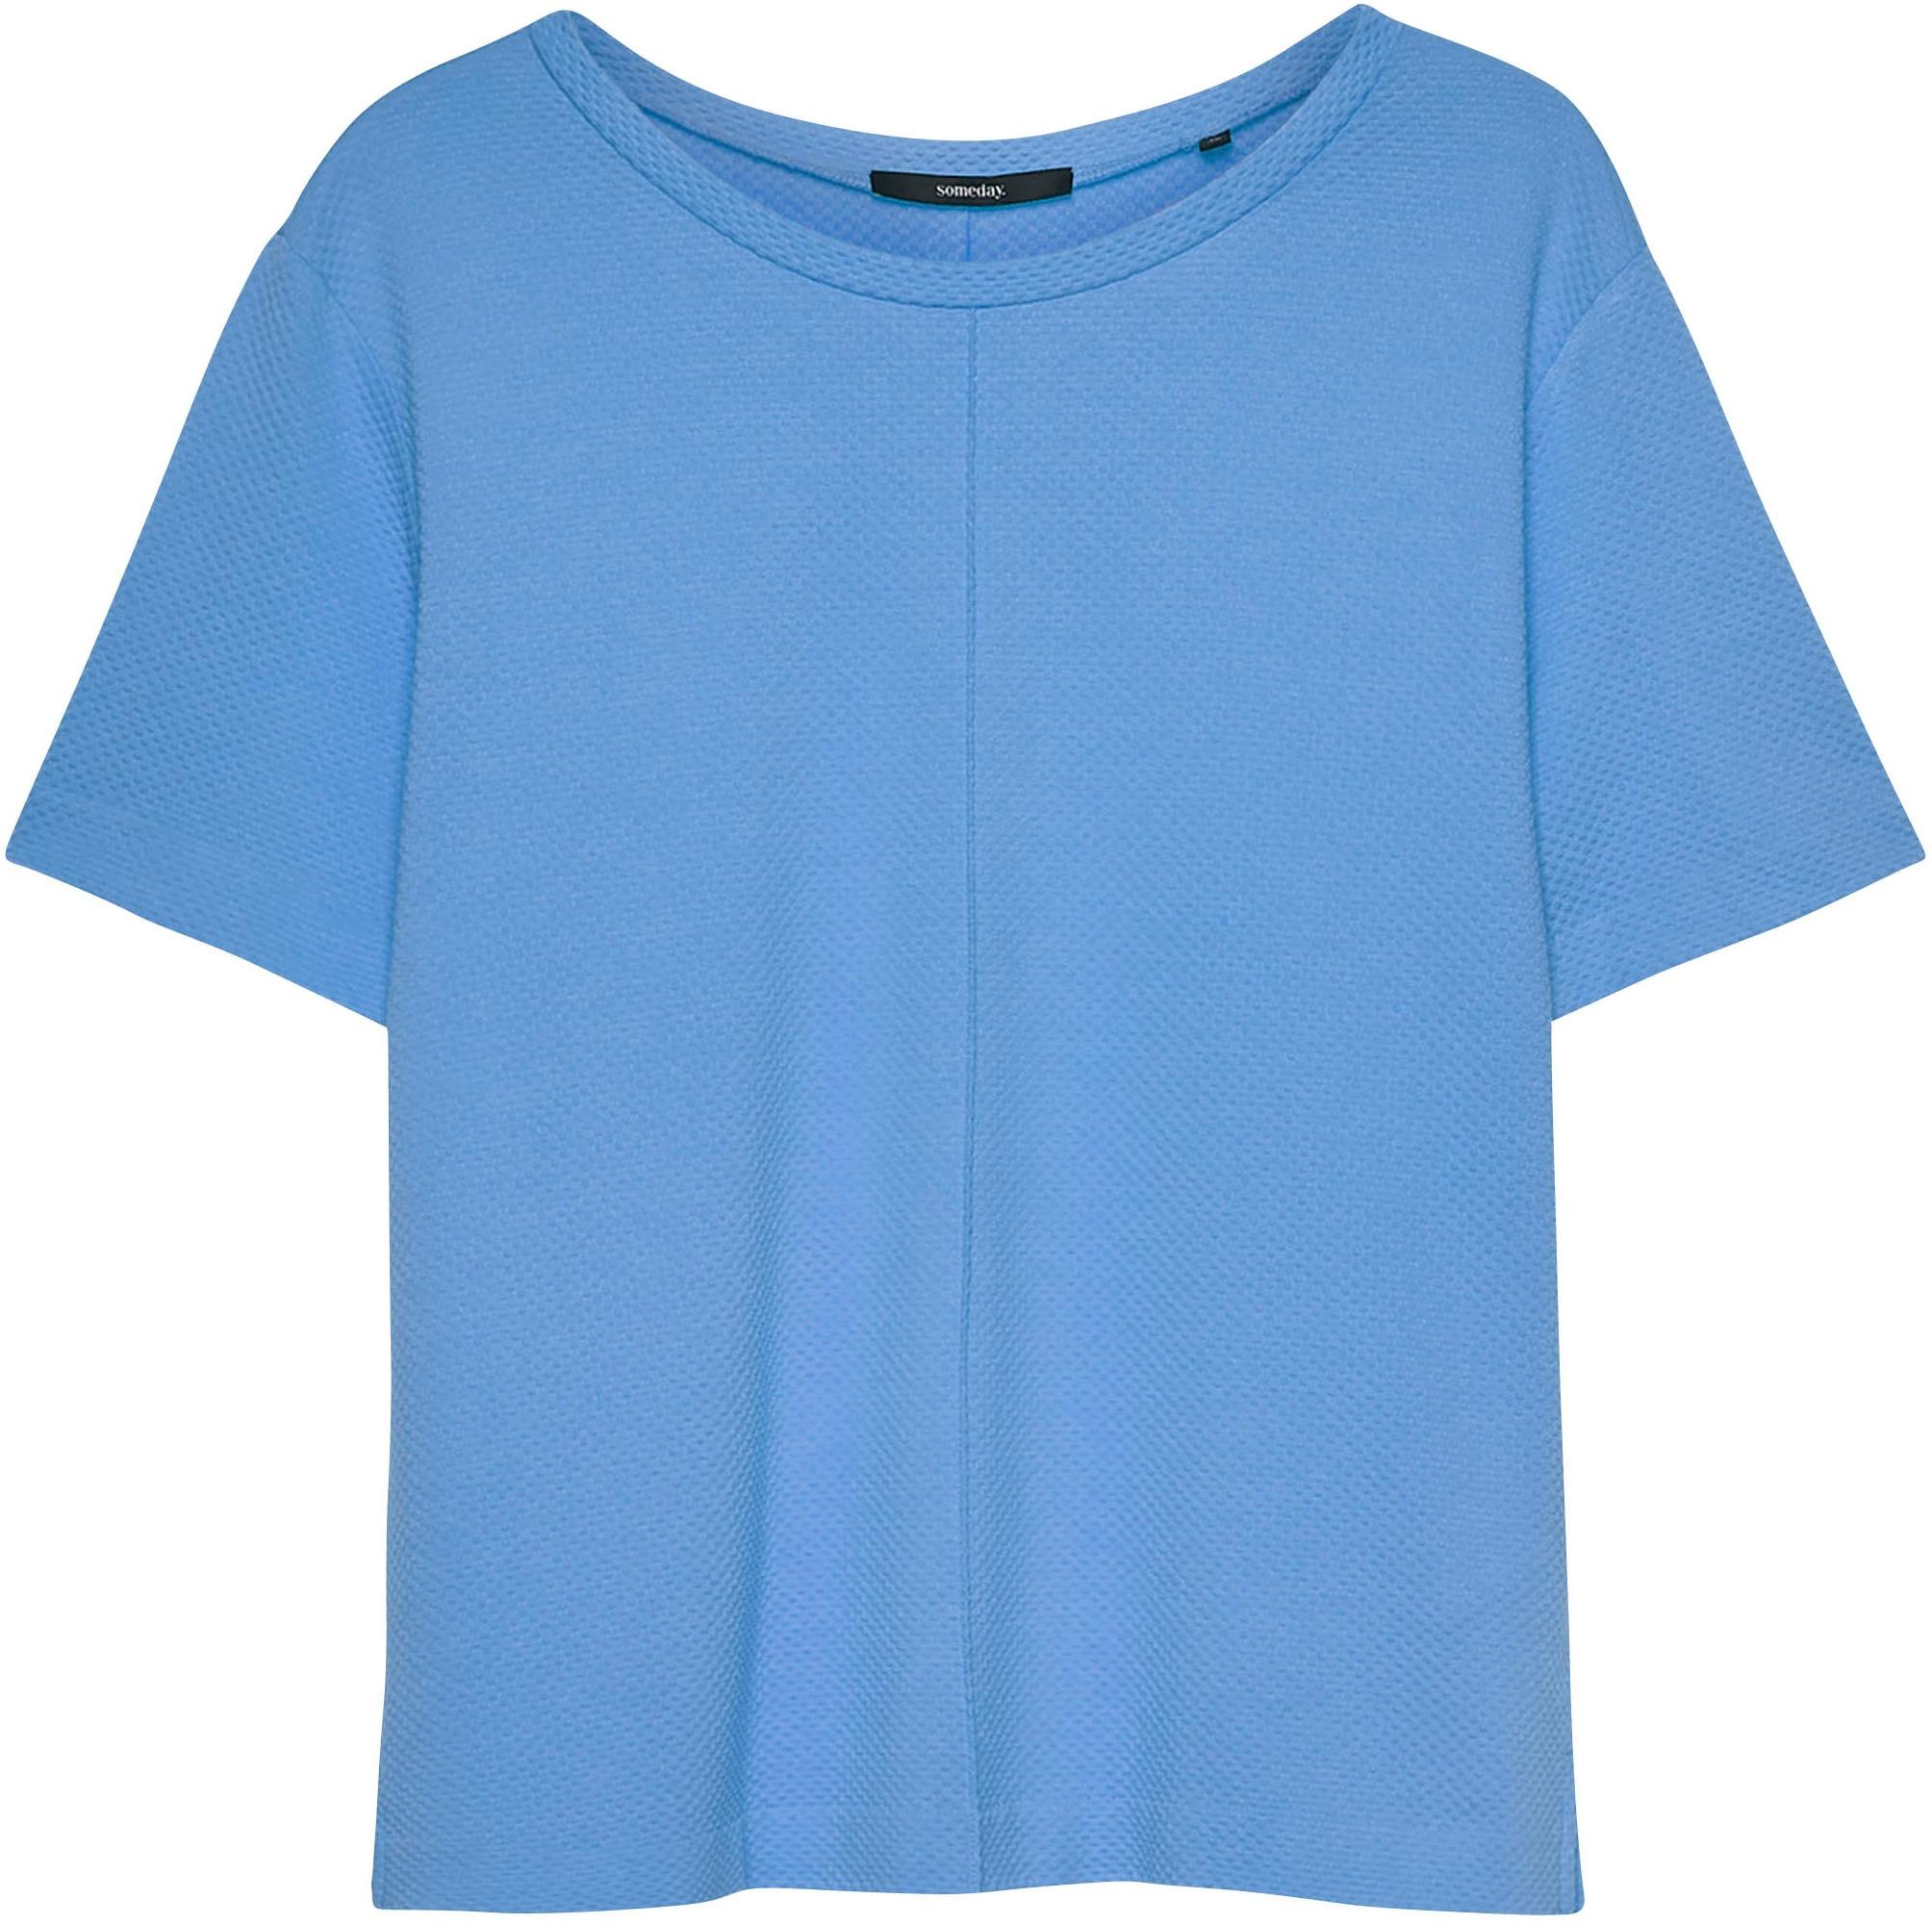 someday -  T-Shirt Klien, mit Längsteilungsnaht